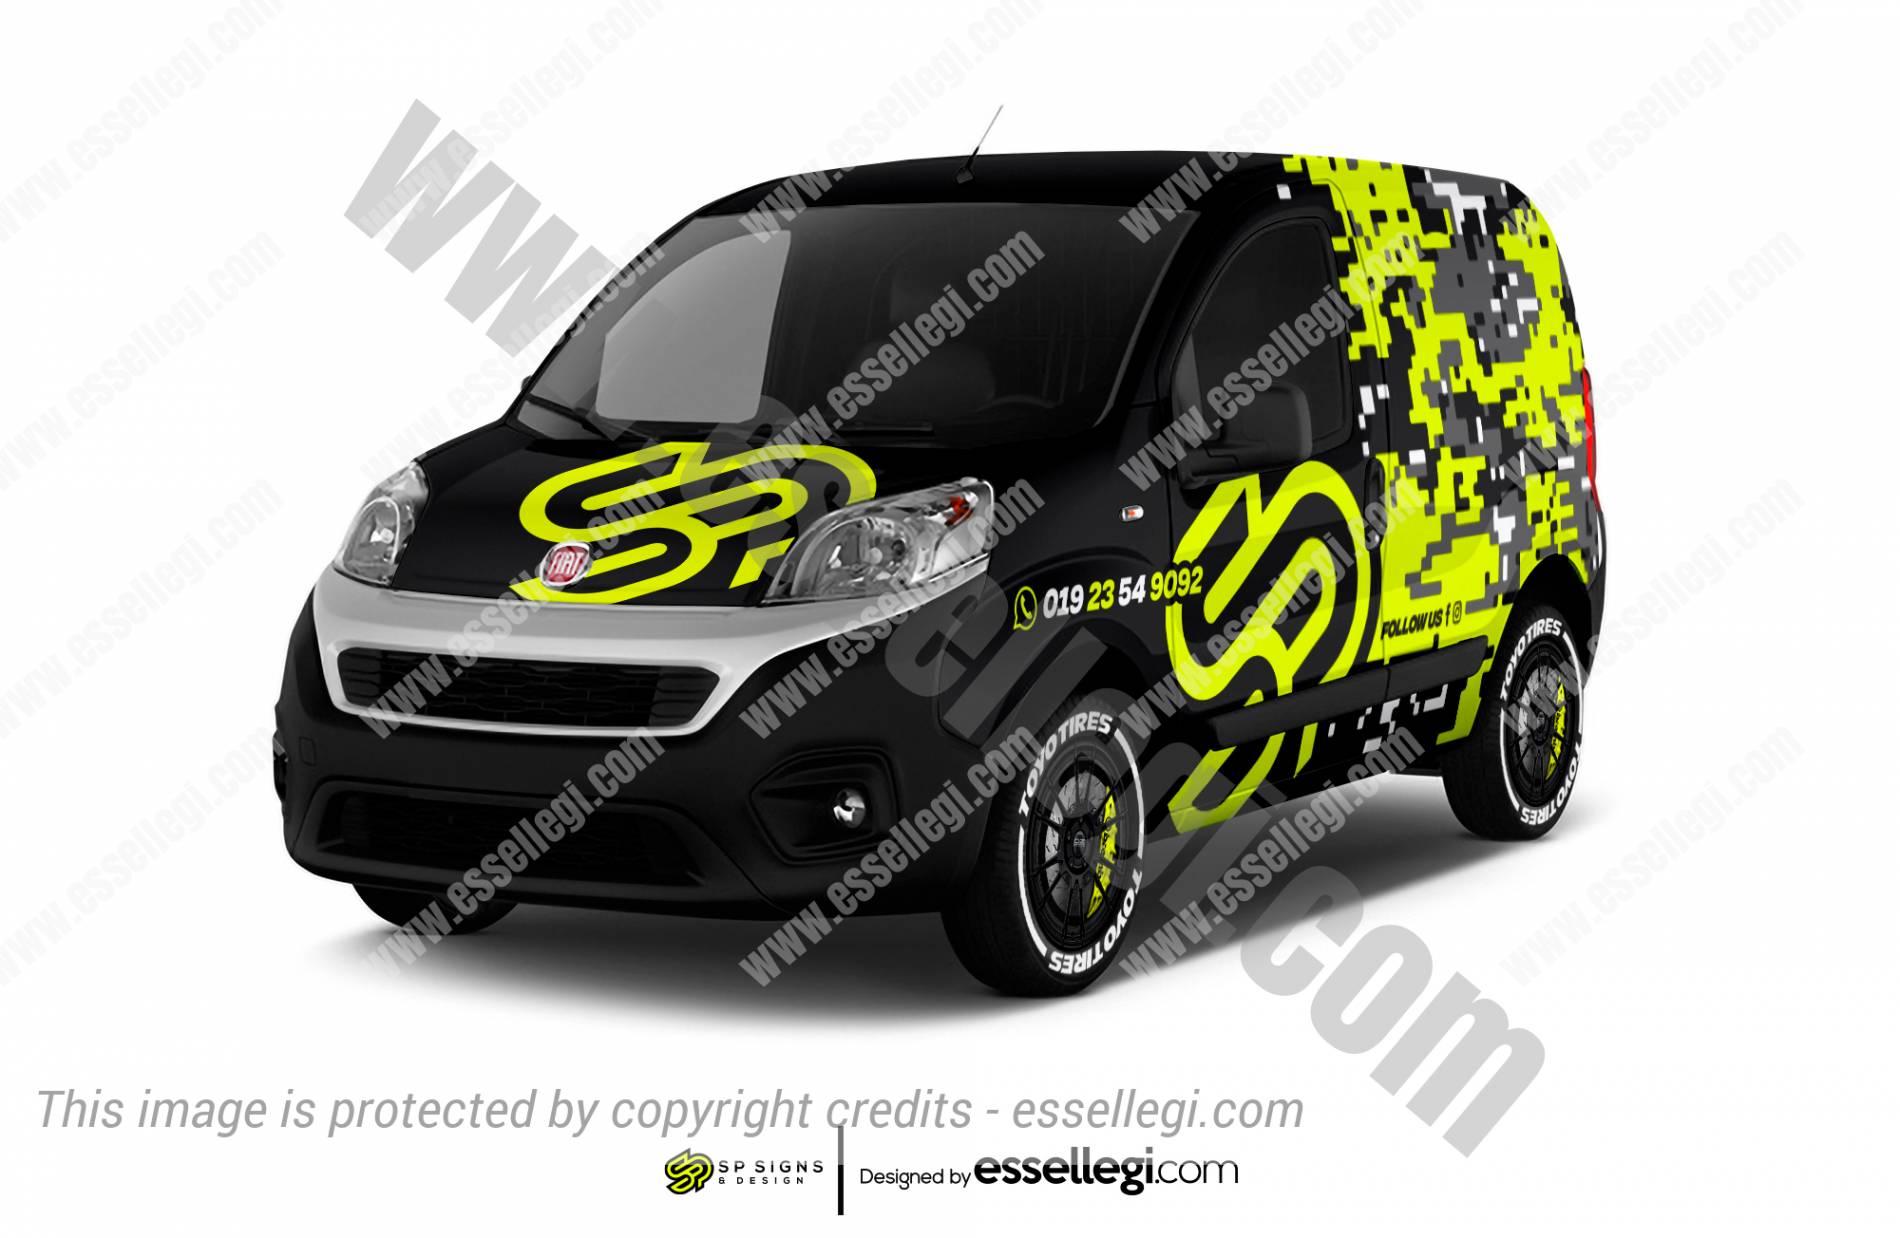 Fiat Fiorino Wrap Design. Fiat Fiorino Wrap | Van Wrap Design by Essellegi. Van Signs, Van Signage, Van Wrapping, Van Signwriting, Van Wrap Designer, Signs for Van, Van Logo, Van Graphic by Essellegi.